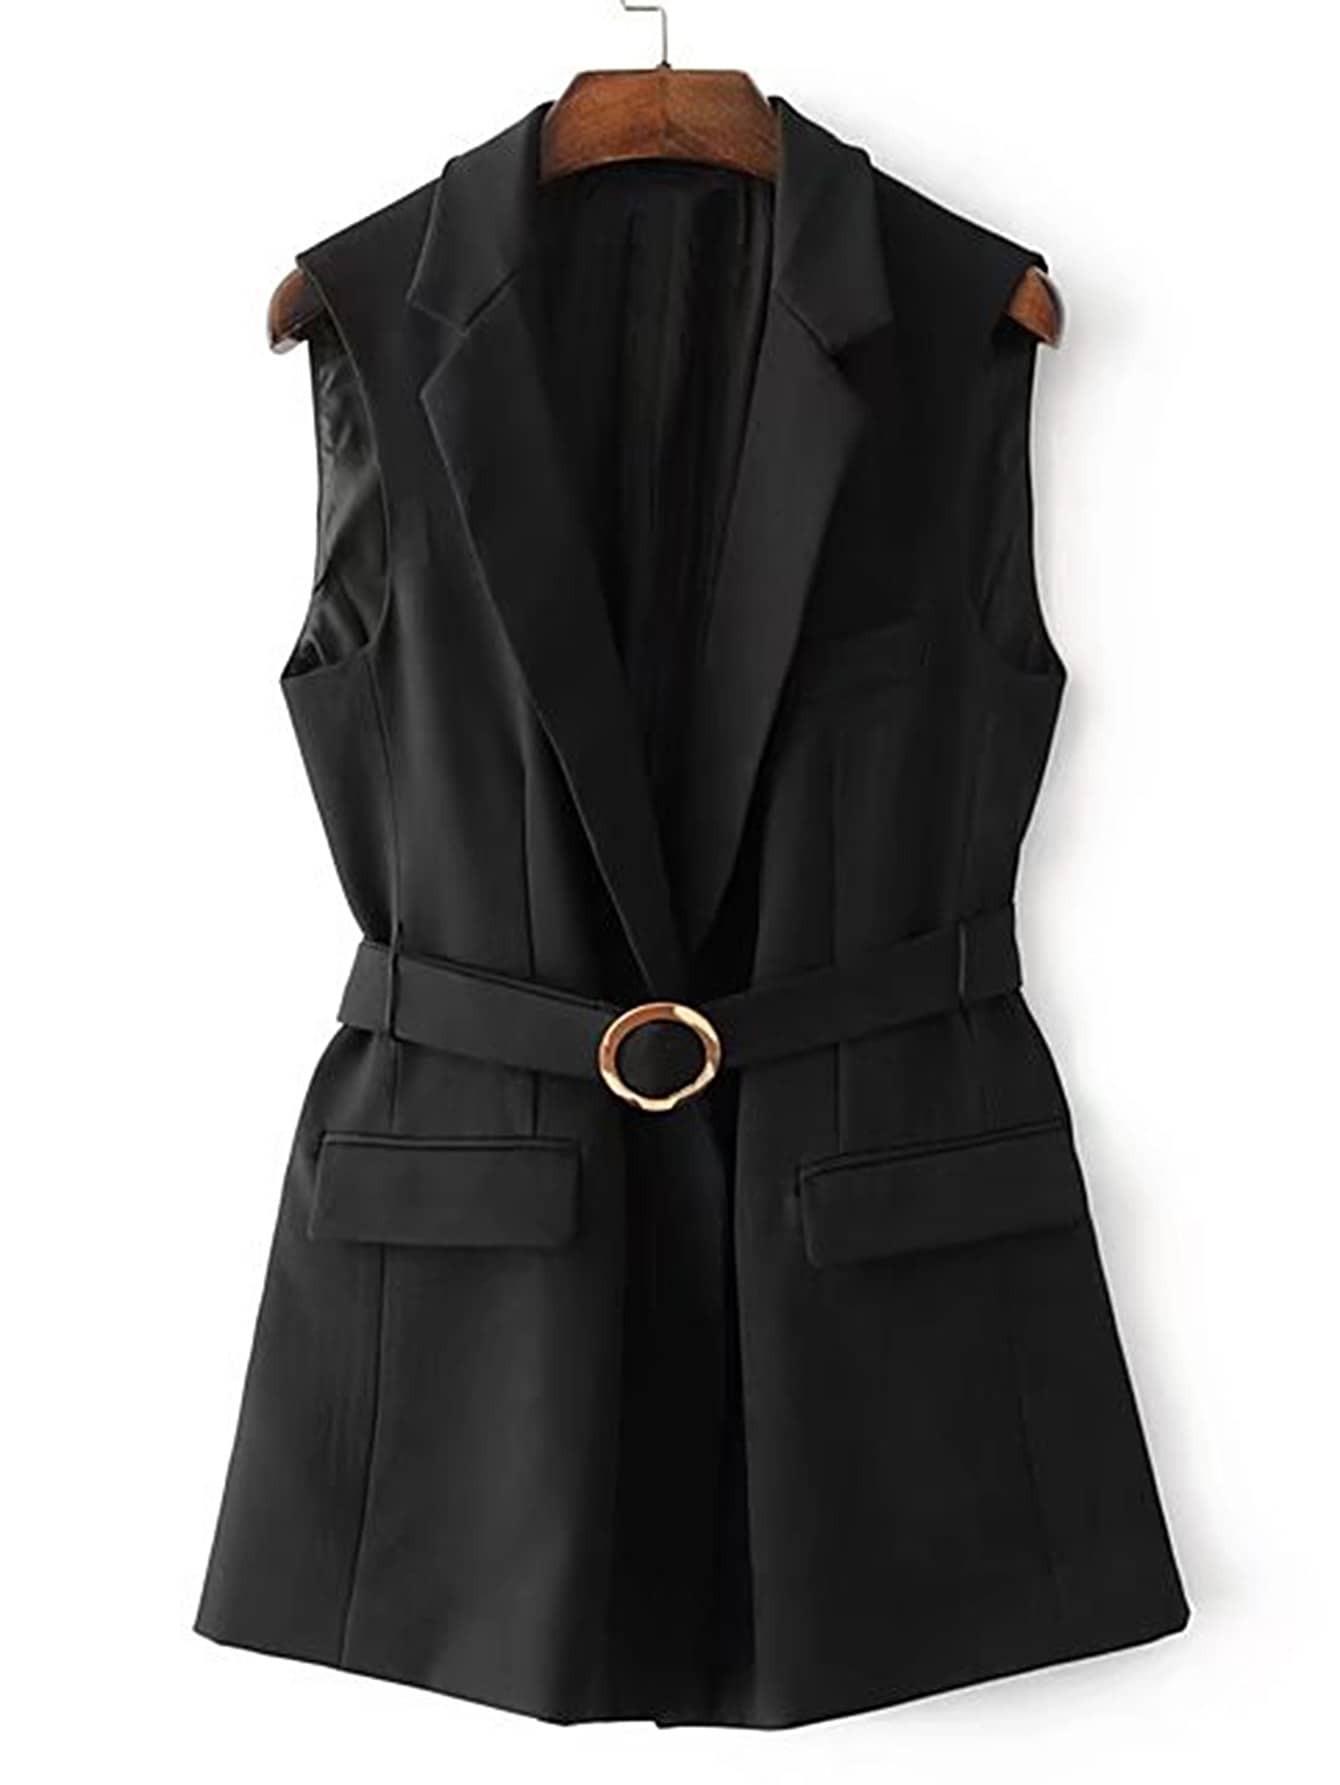 Фото Flap Pocket Self Tie Vest With Ring Detail. Купить с доставкой